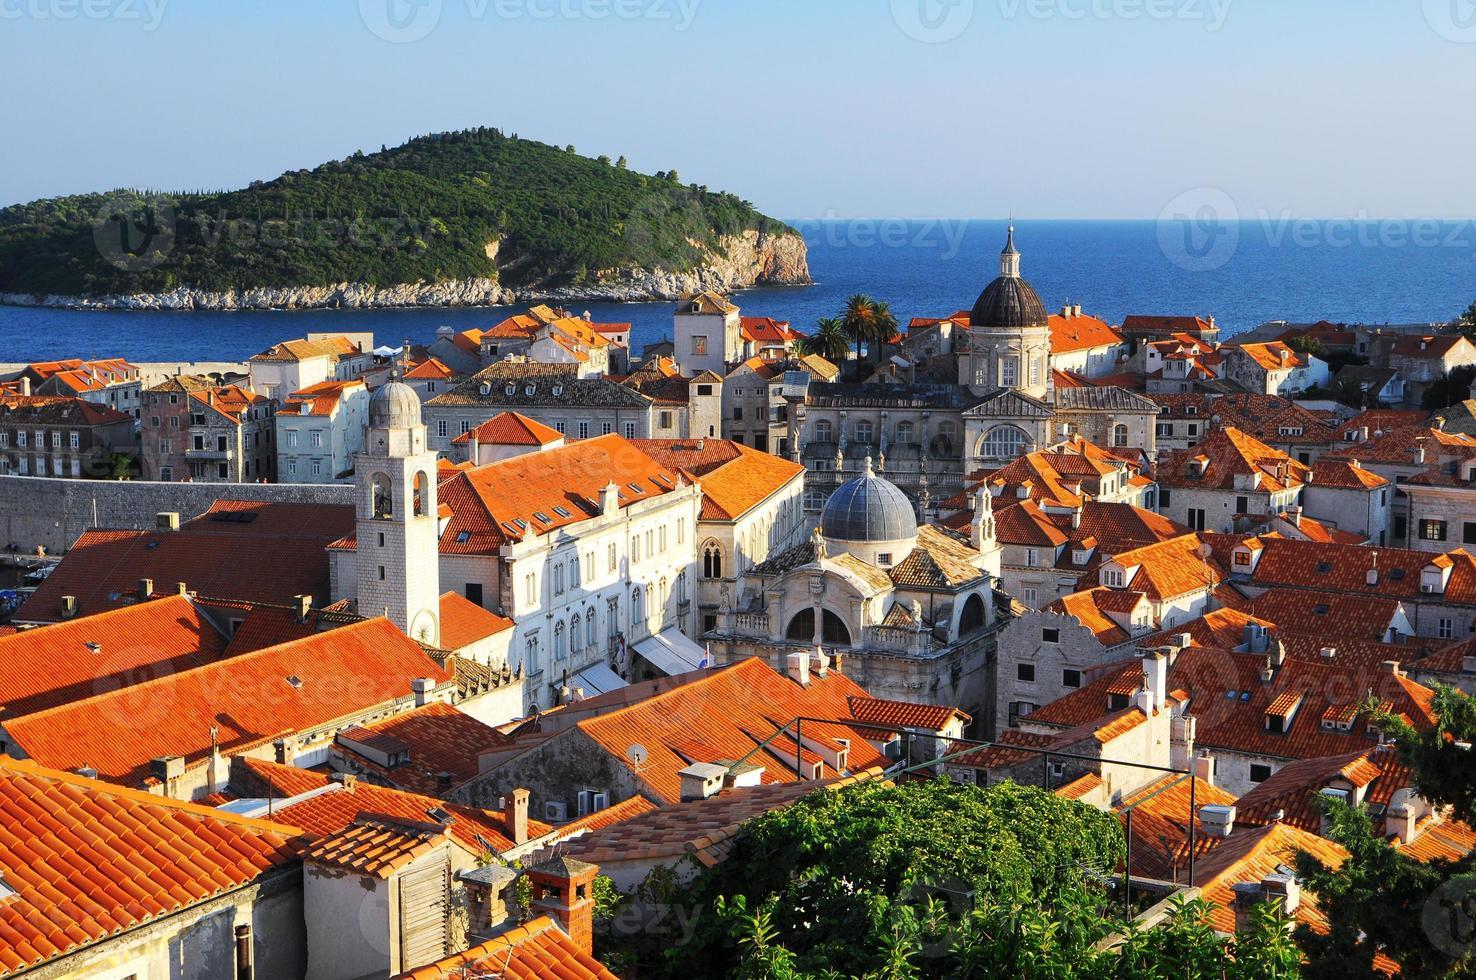 panorama över dubrovnik från stadsmuren, Kroatien foto